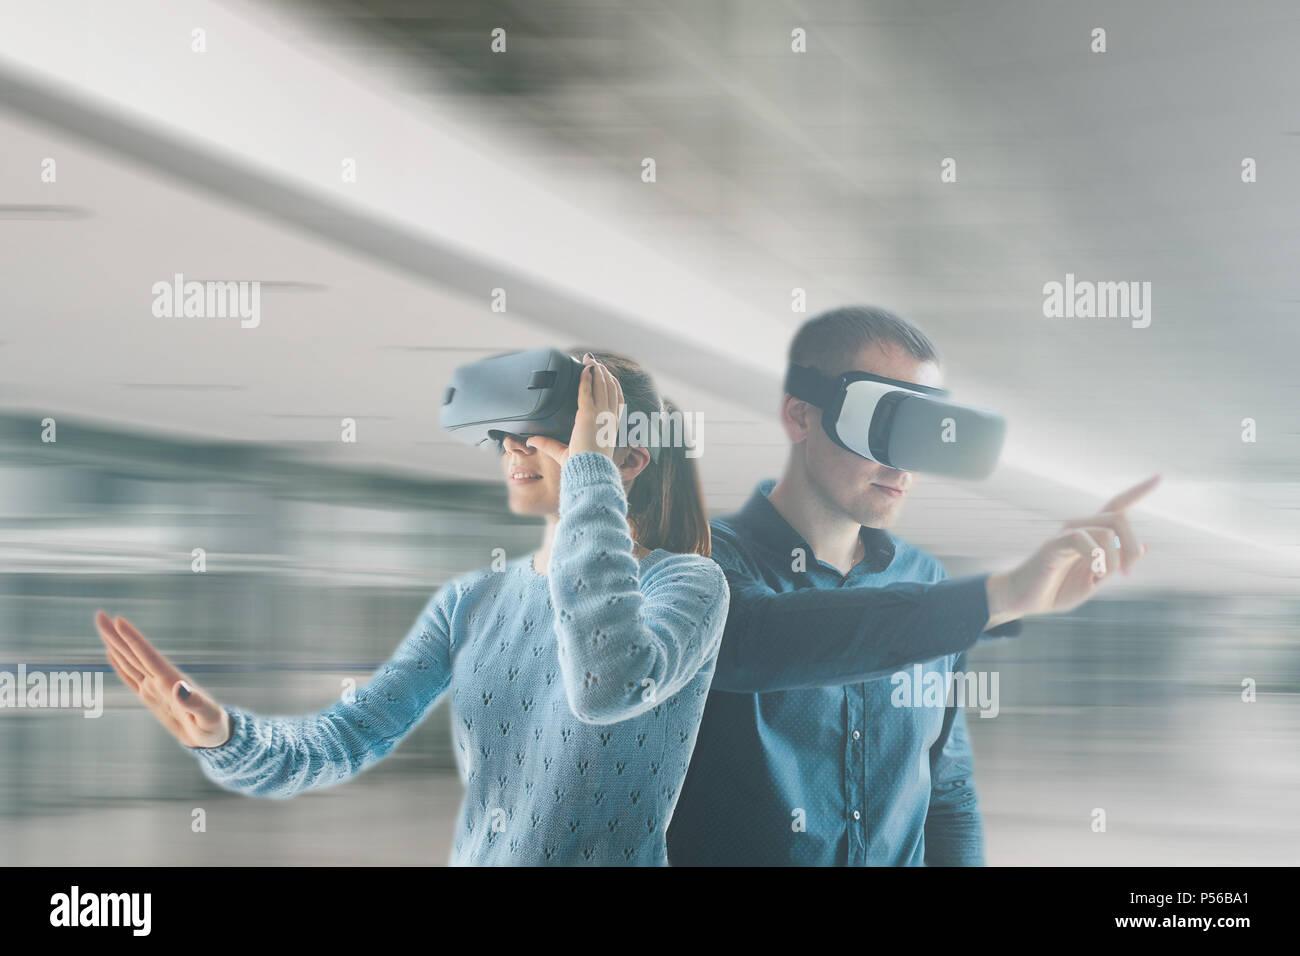 Une jeune femme et un jeune homme à lunettes de réalité virtuelle.Le concept des technologies modernes et des technologies de l'avenir. Lunettes VR. Photo Stock